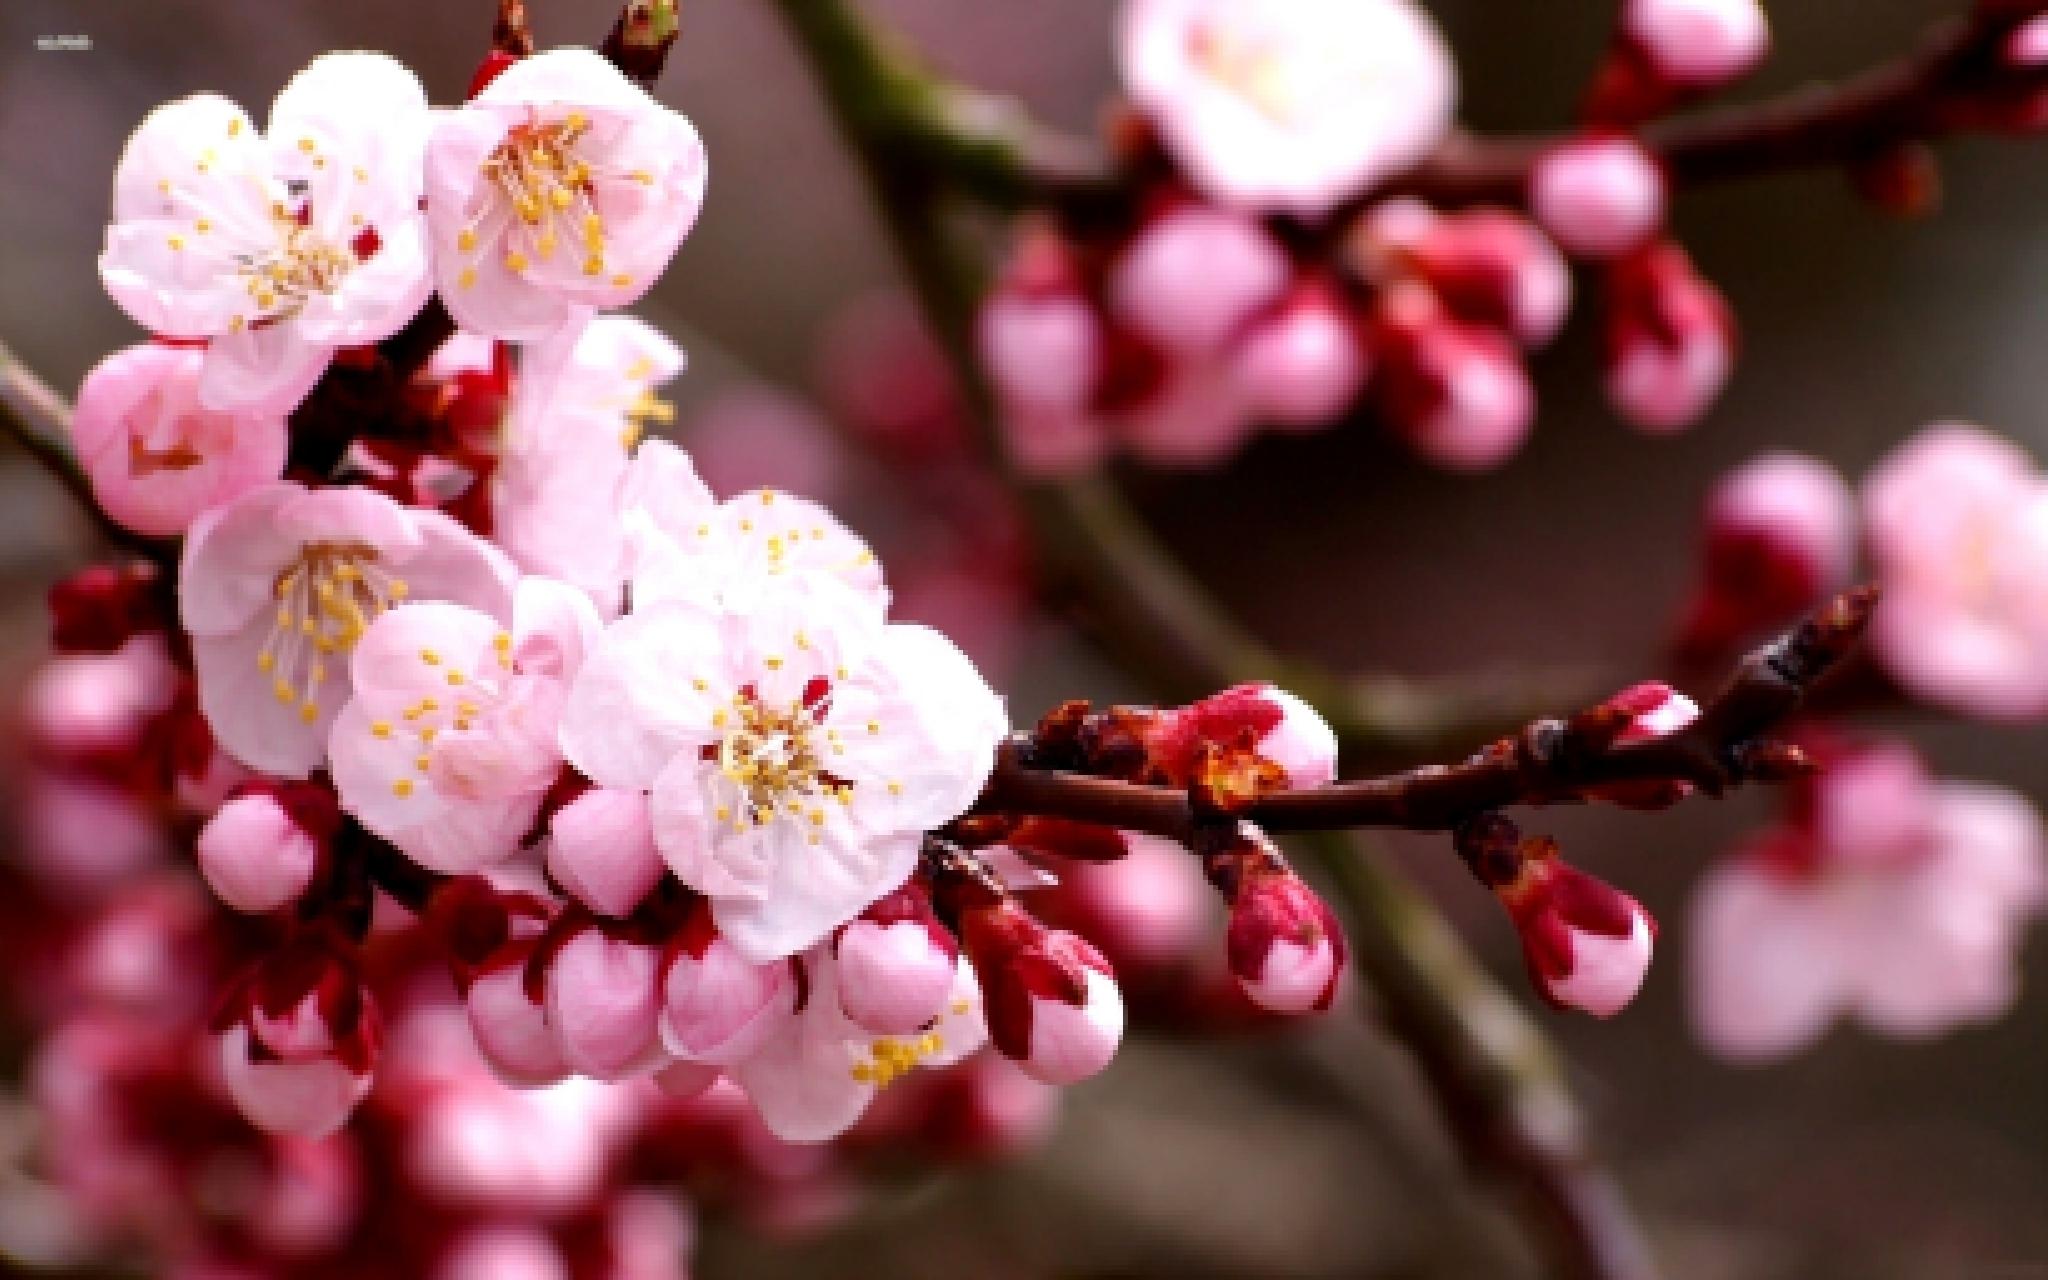 Обои на рабочий стол Сакура в цвету   сборка (4)